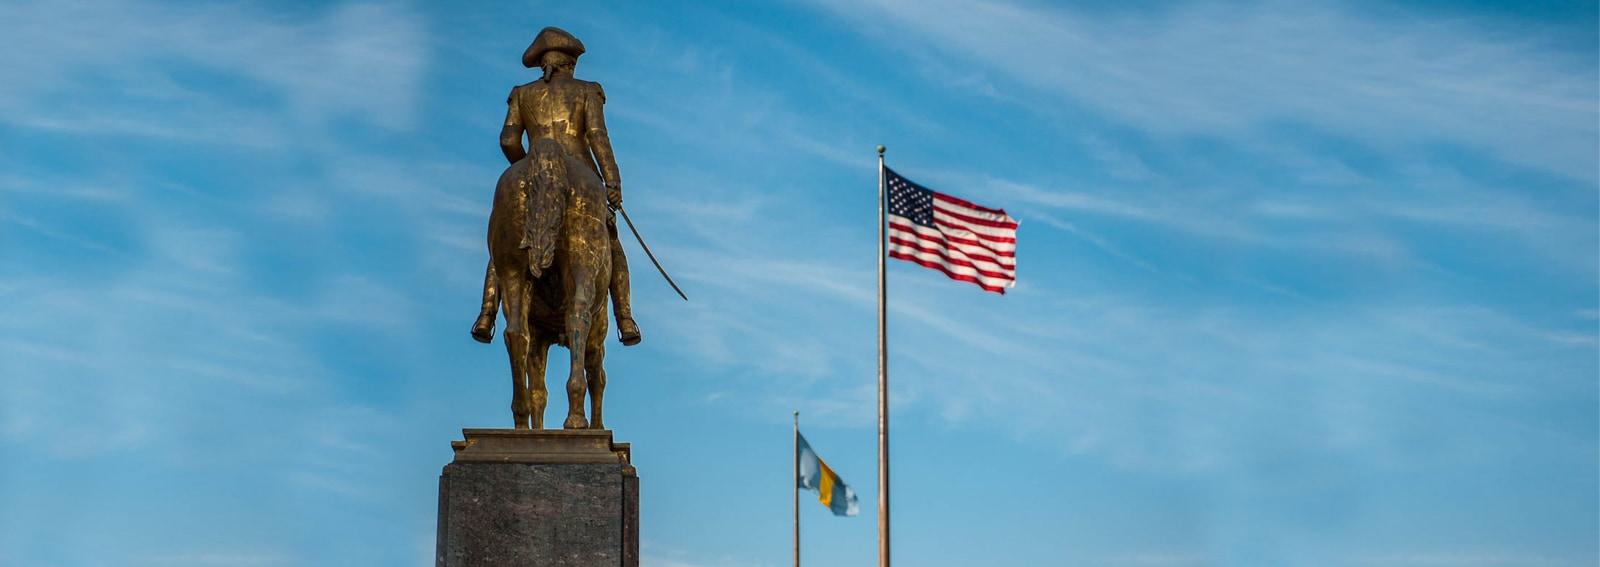 Viaggio-a-Philadelphia-citta-amore-fraterno-east-coast-USA-costituzione-americana-DESK